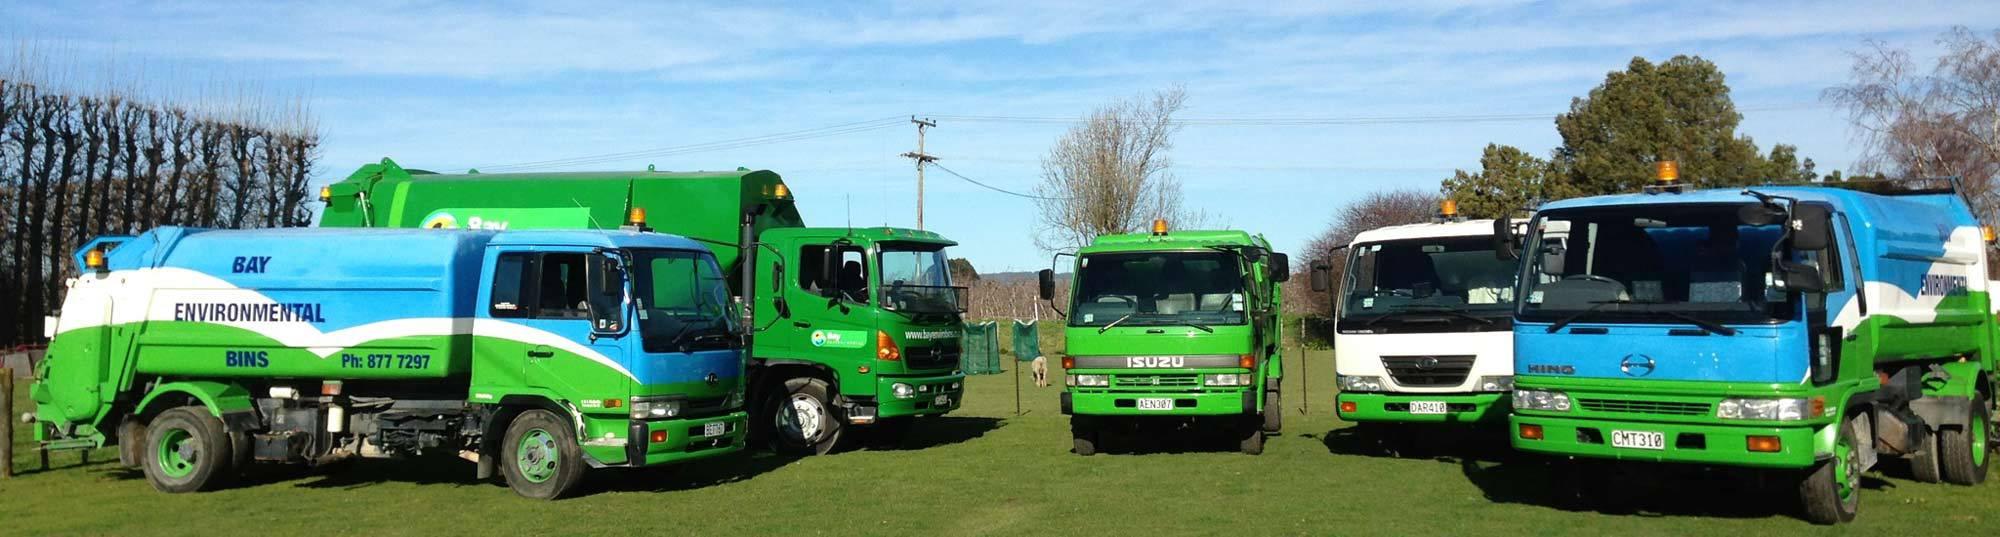 Trucks panorama